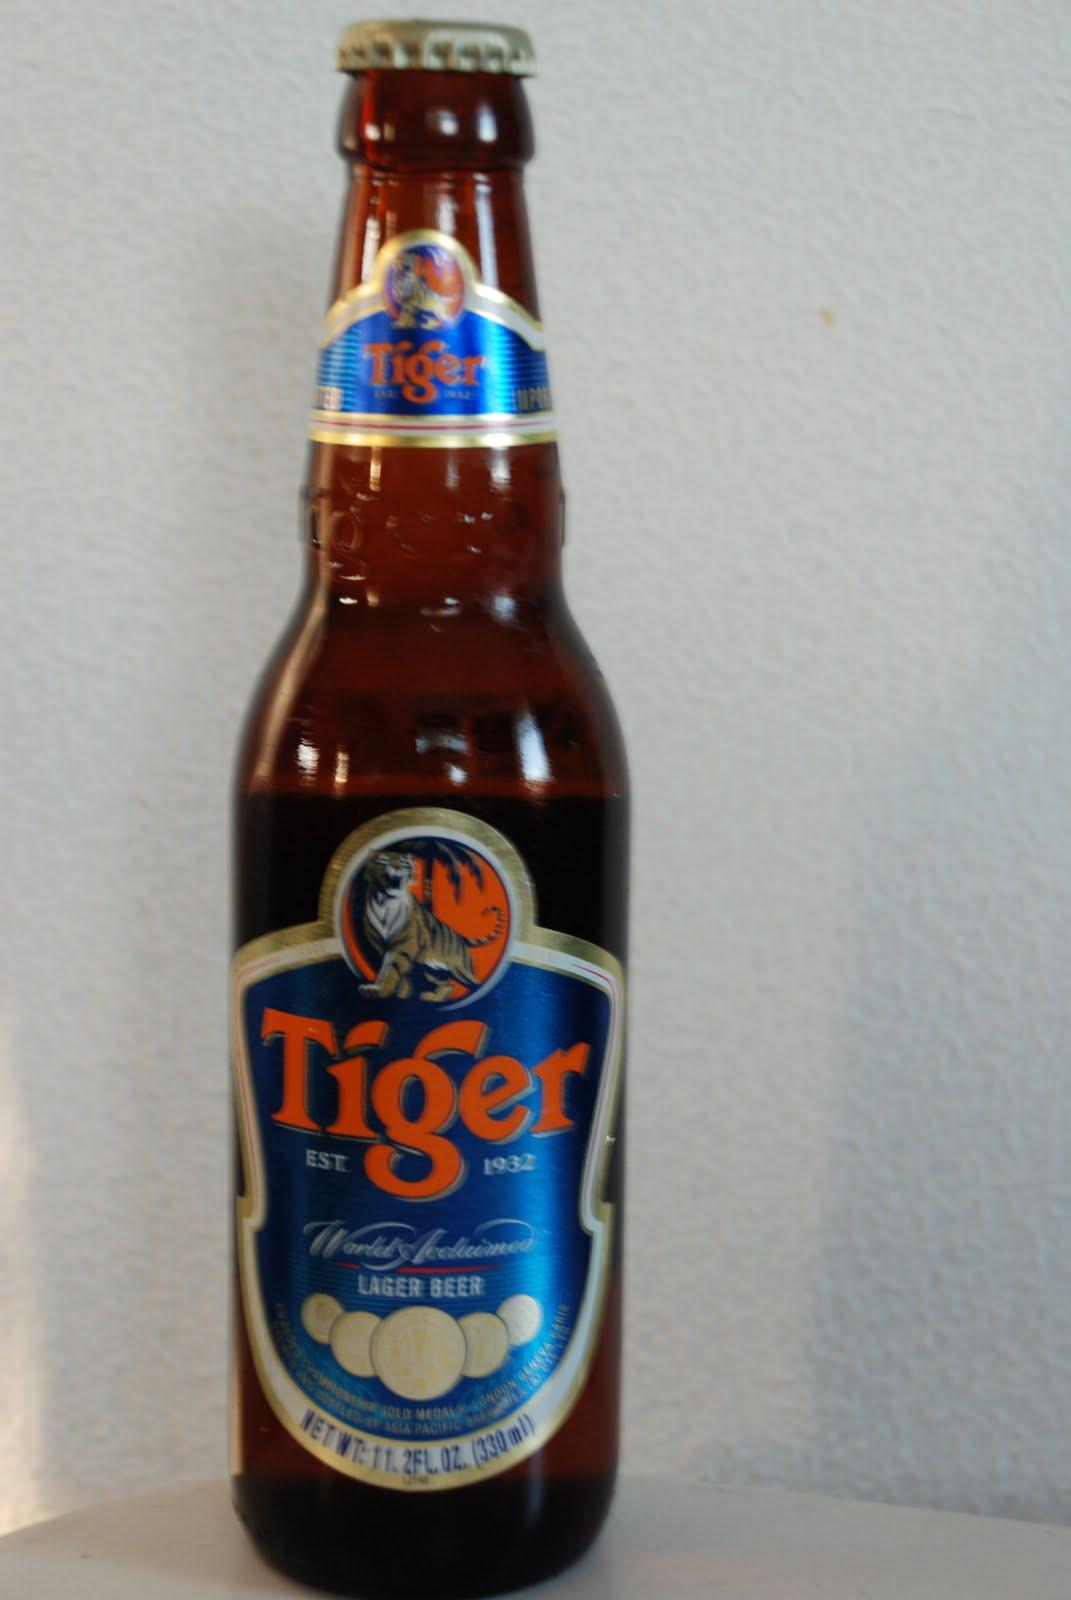 bde97e0c Tiger Lager Beer har en kosefaktor på 5% og er et middels lyst øl med en  gulaktig farge. Tiger har lite lukt, og heller ikke noe nevneverdig smak  bortsett ...